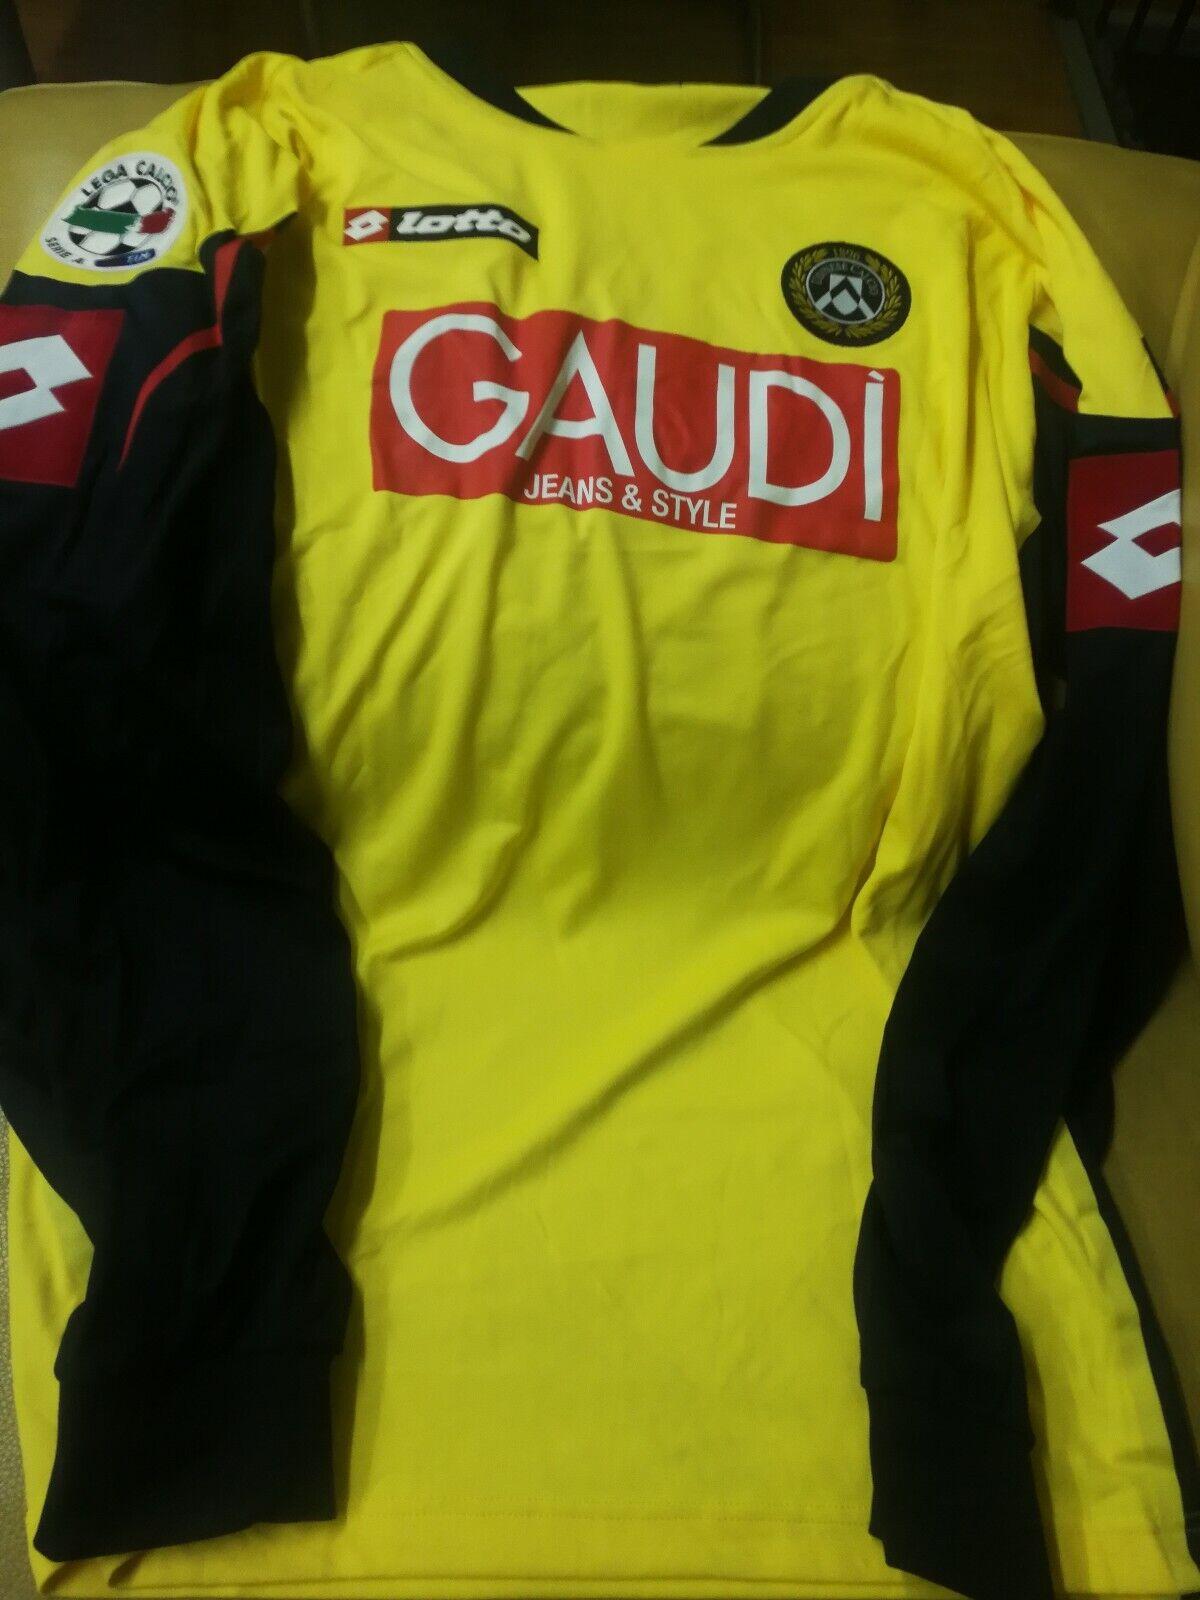 Maglia calcio Udinese 1896 serie A vintage Footbtutti Italian league shirt